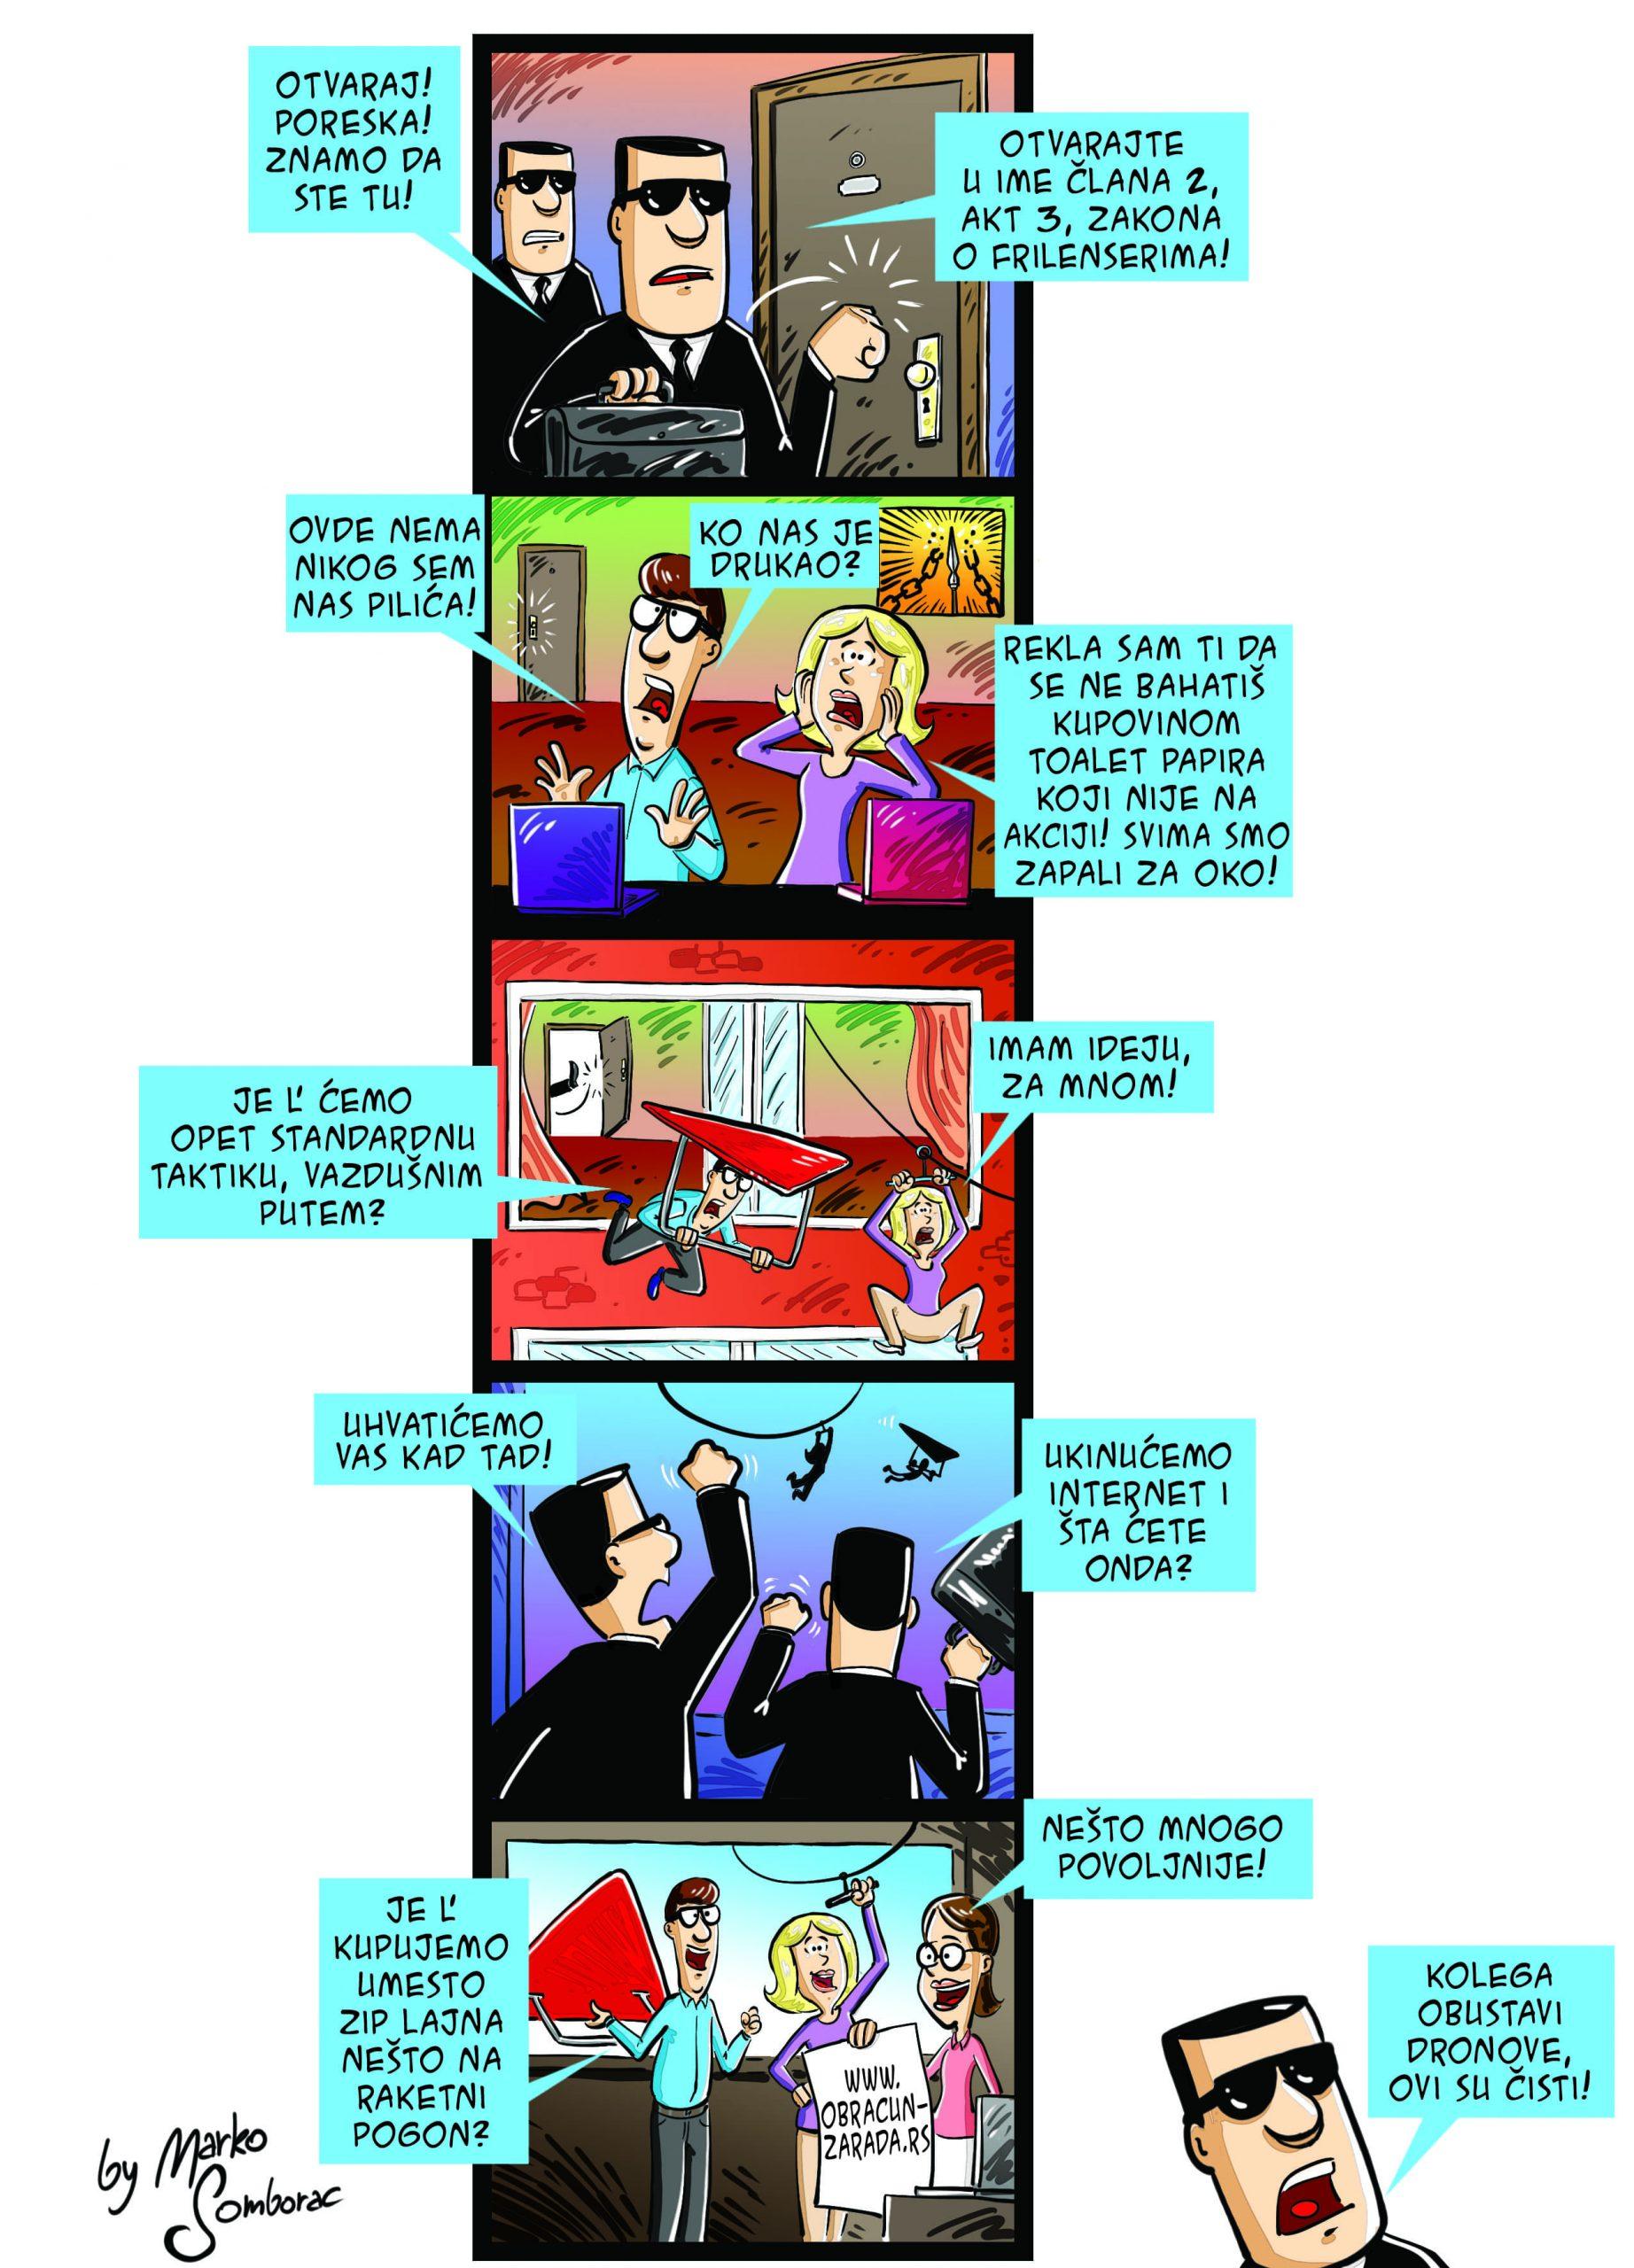 Obracun zarada knjigovodstvo Frilenseri strip Marko Somborac